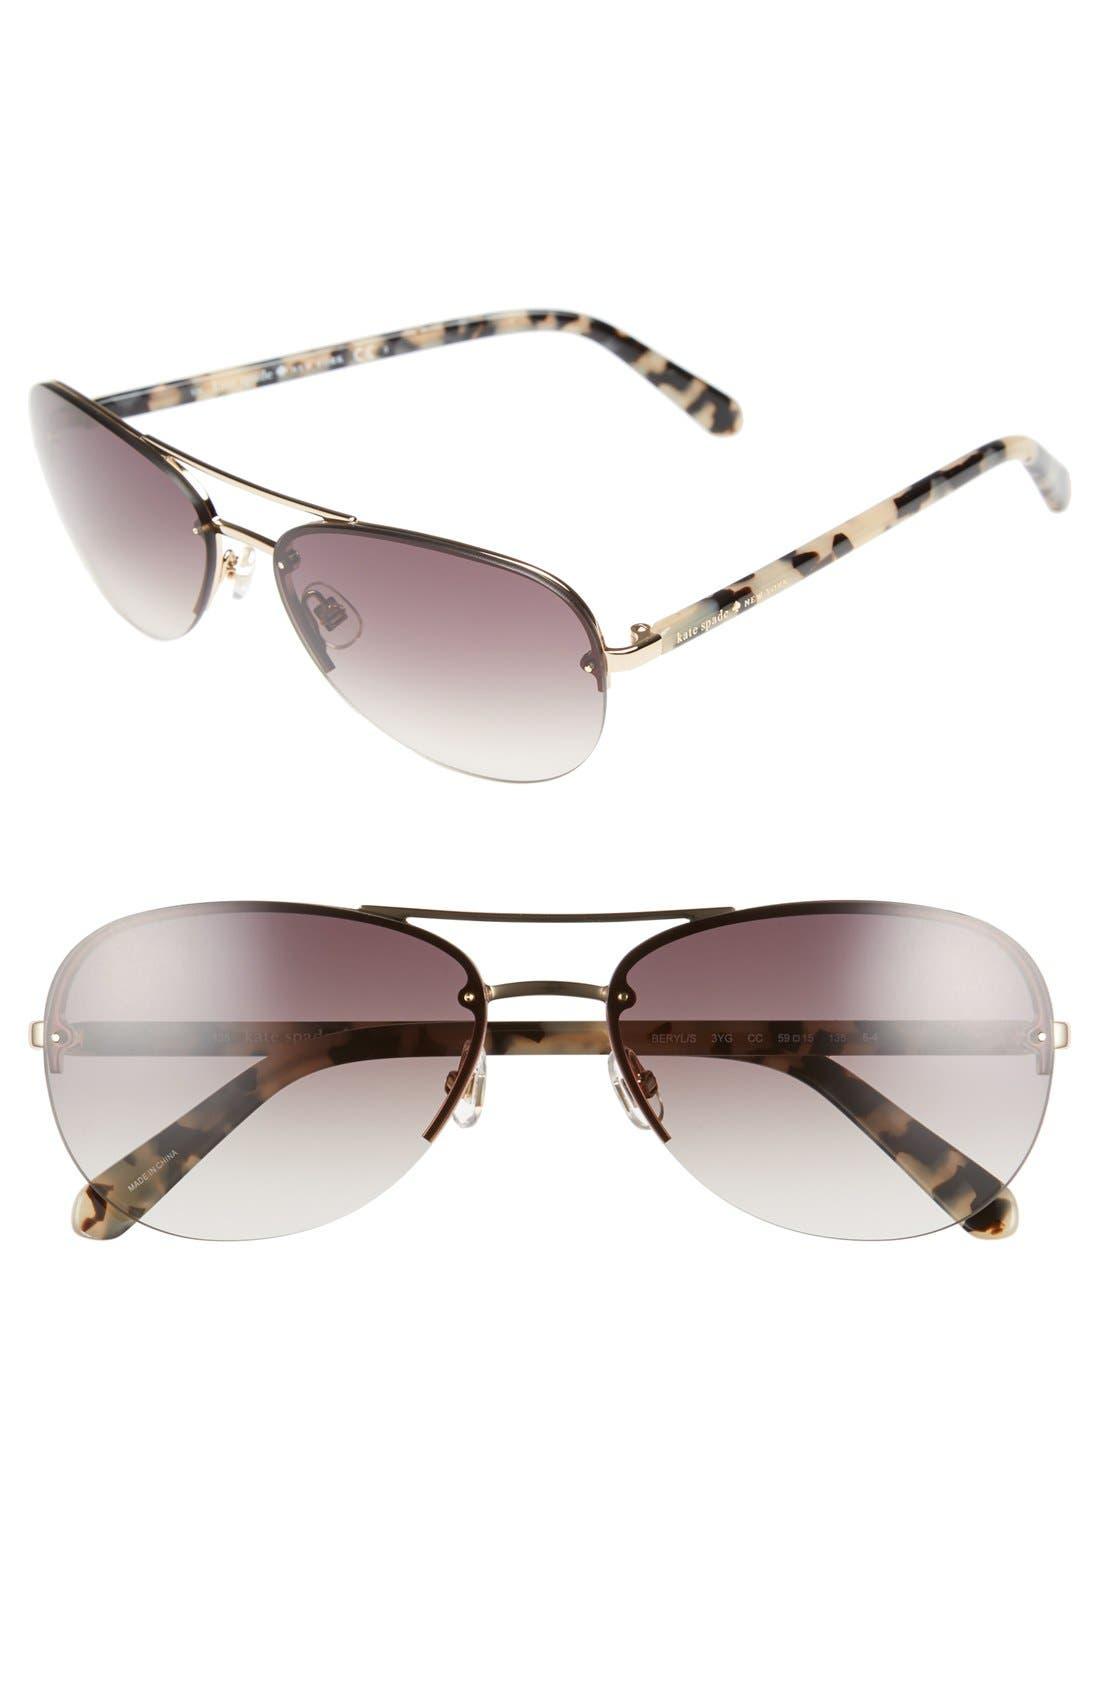 Alternate Image 1 Selected - kate spade new york 'beryls' 59mm sunglasses